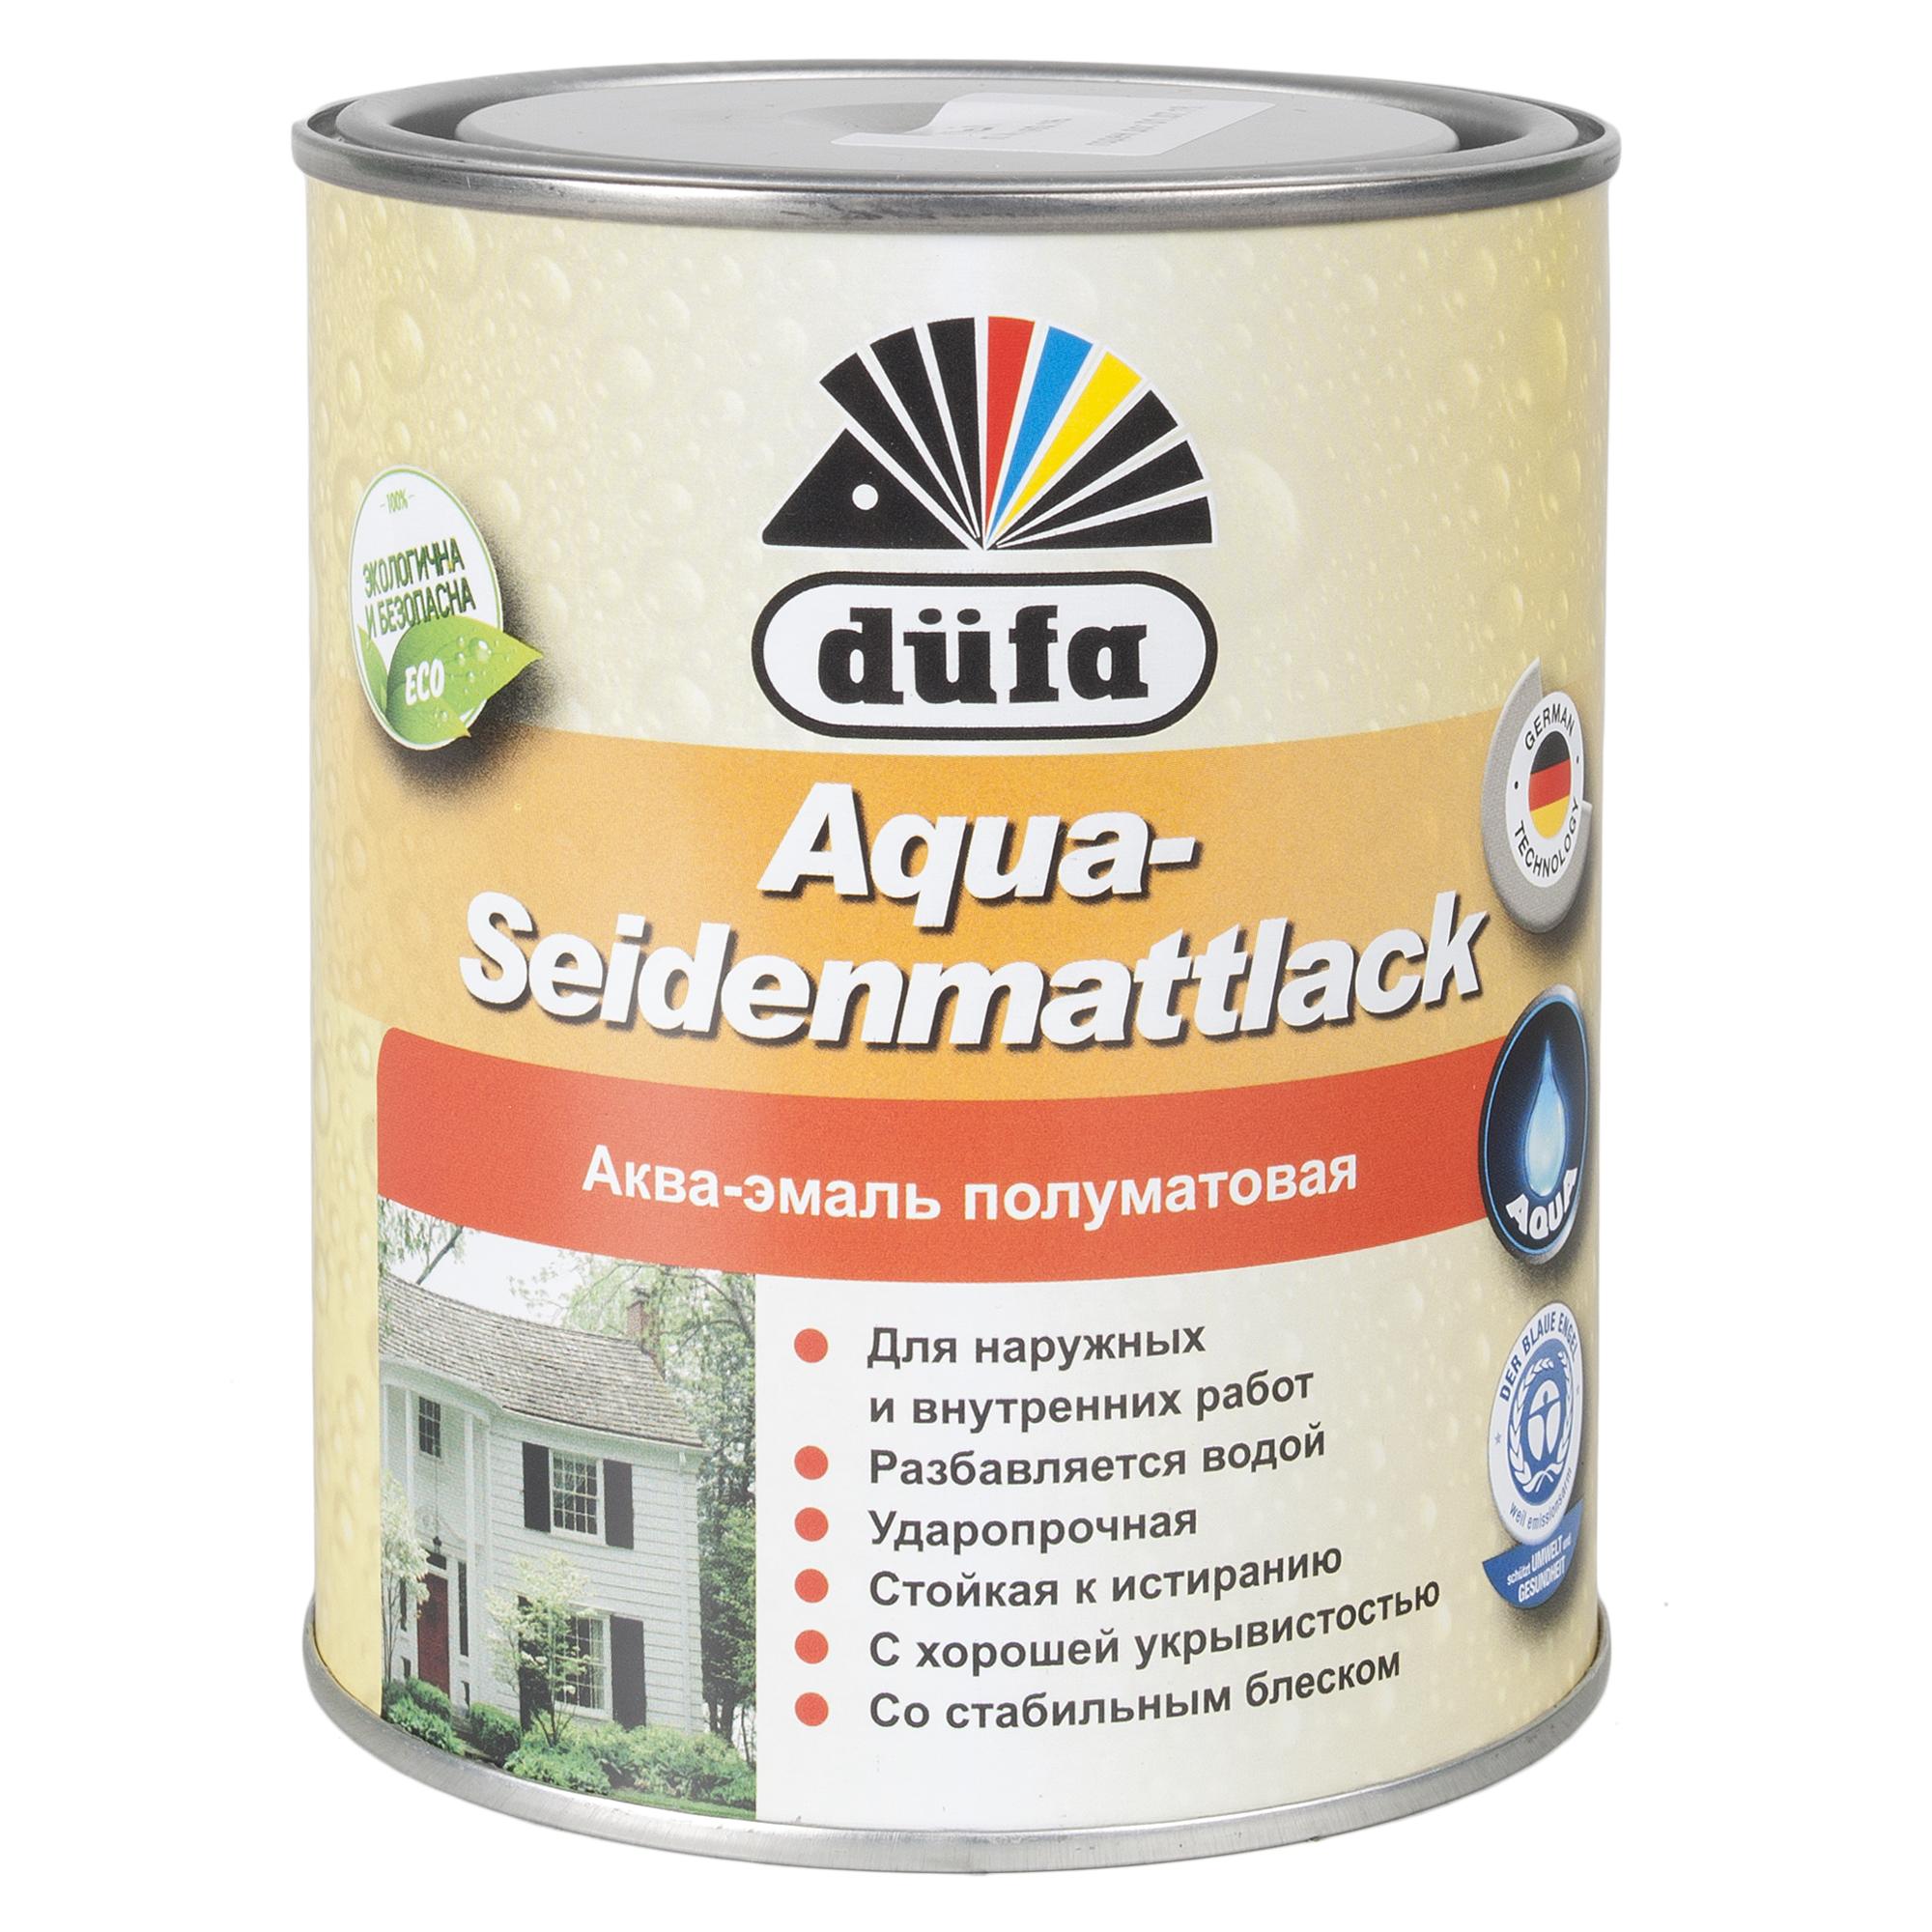 Акрилдік шайыр негізді су қосып сұйылтылатын эмаль: Dufa Aqua-Seidenmattlack эмалі, жартылай күңгірт, түсі ақ, 0,75 л